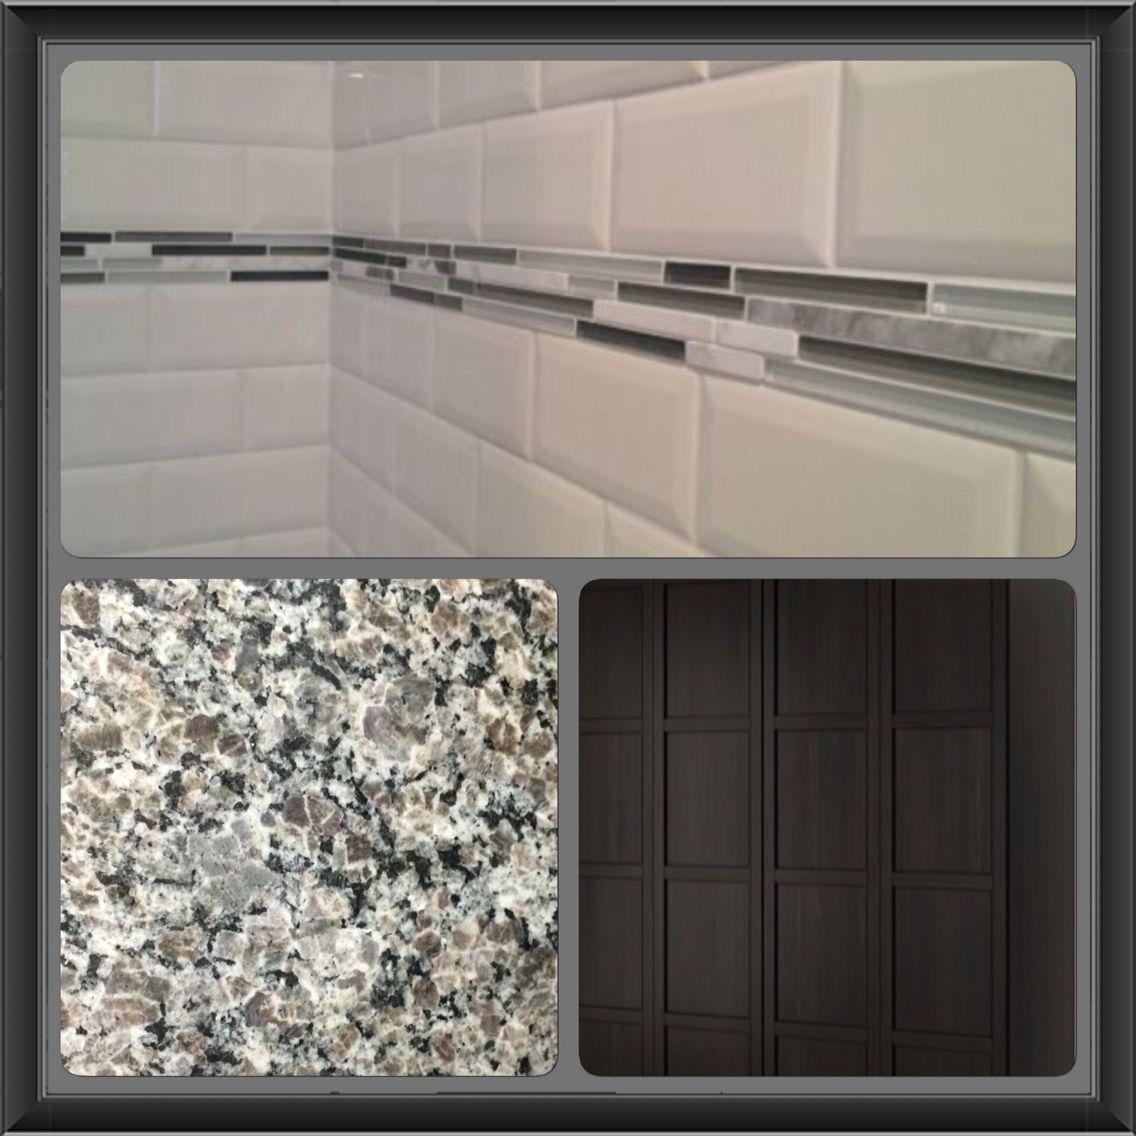 New Caledonia Granite Espresso Cabinets White Subway